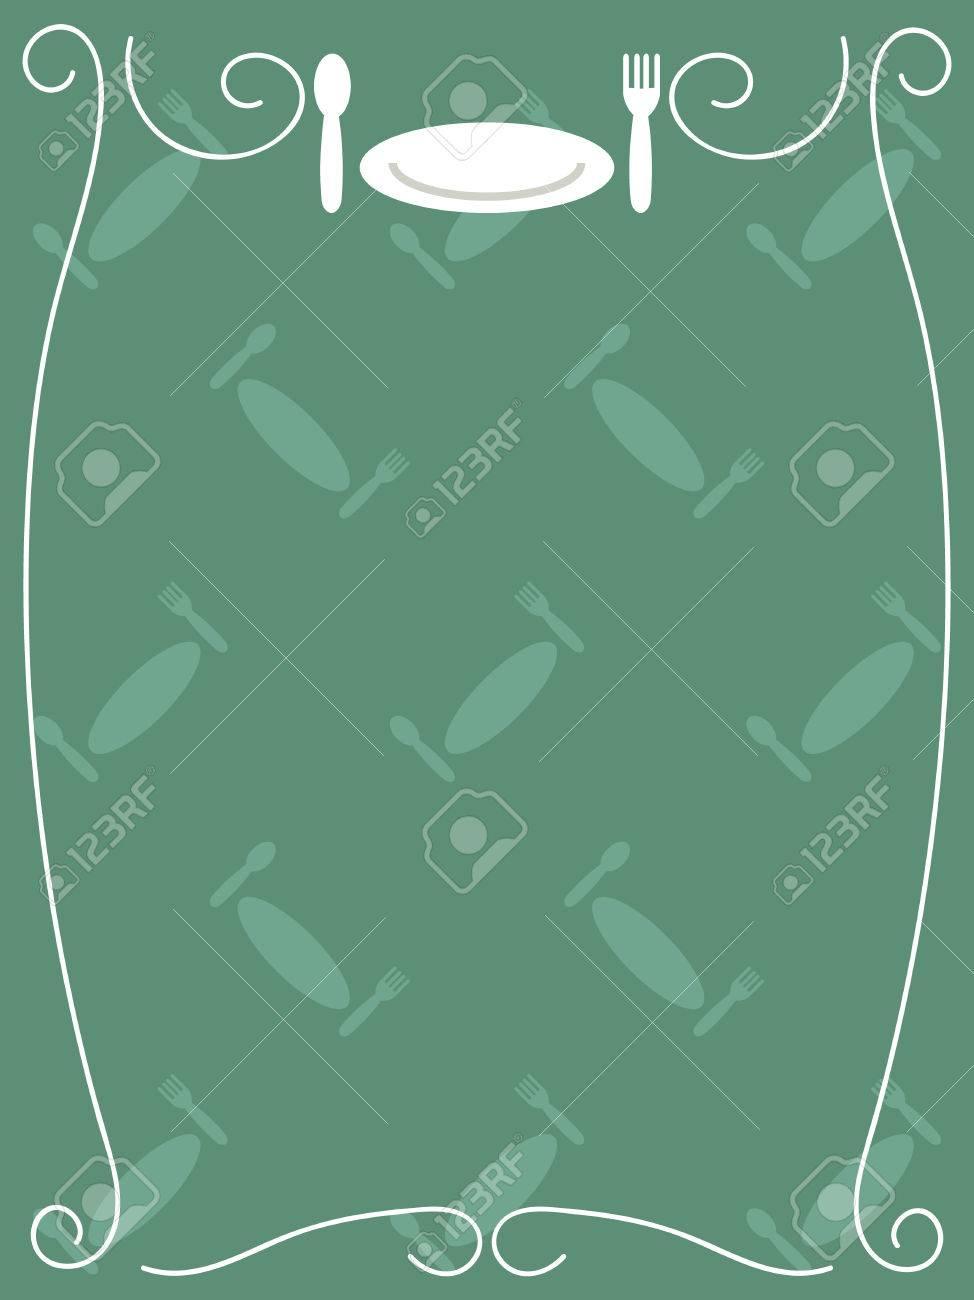 Einfaches Essen Menü-Vorlage Mit Rahmen, Löffel, Gabel Und Teller ...